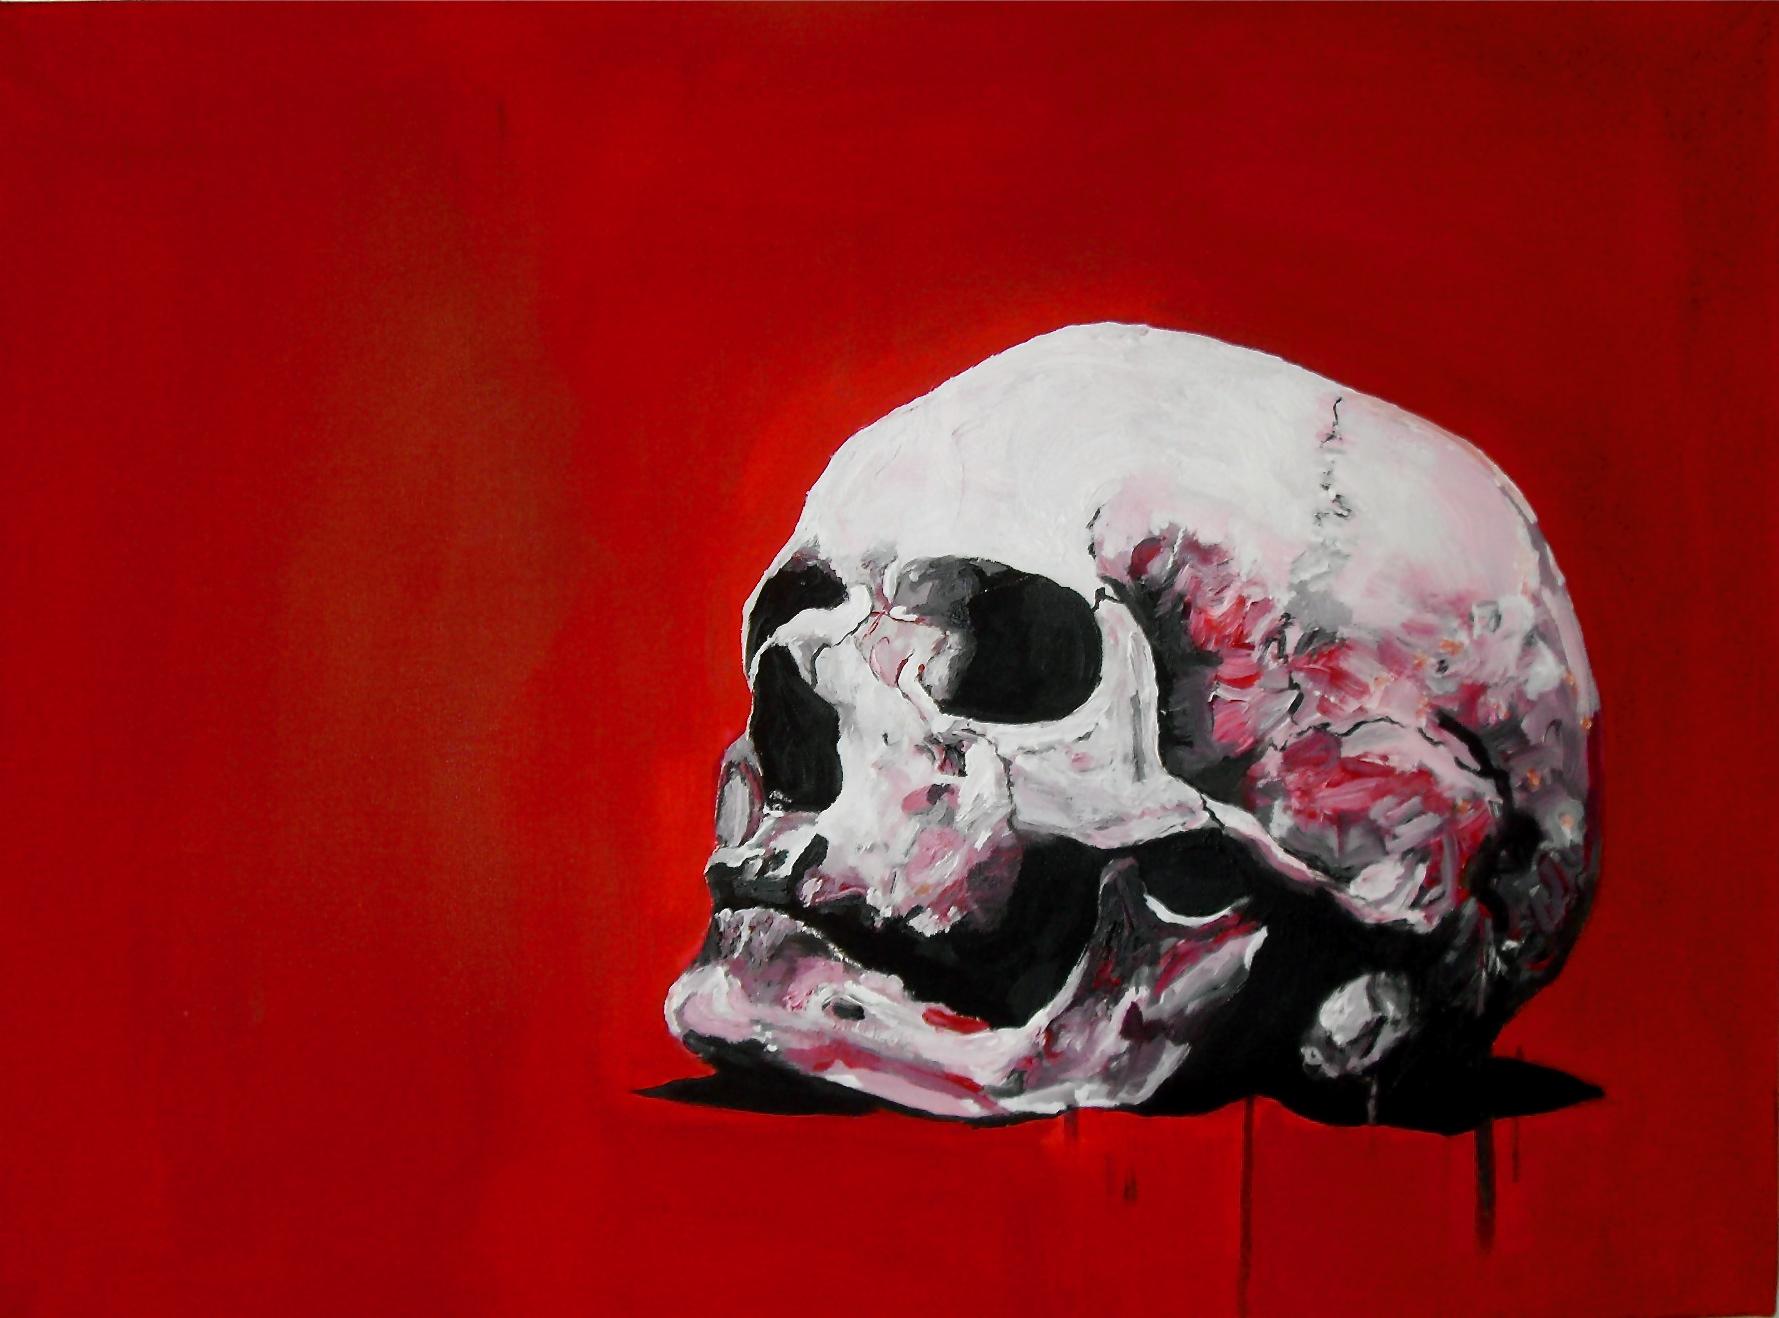 Grand-père. Crâne rouge. Acrylique sur toile/acrylic on canvas. 60 x 80 cm, par Stanmac 2016